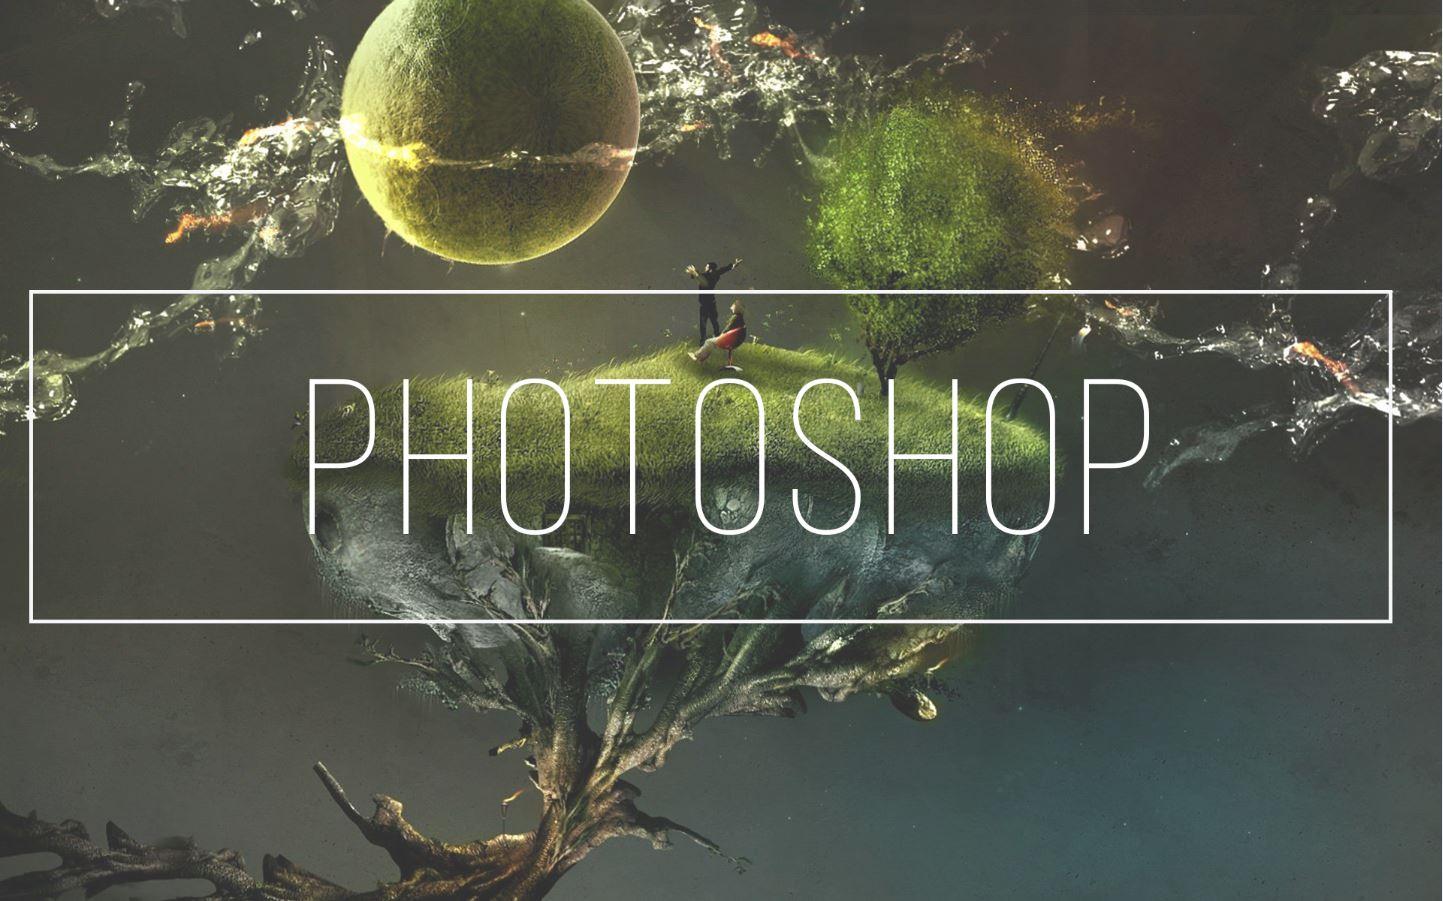 photoshop-1-1